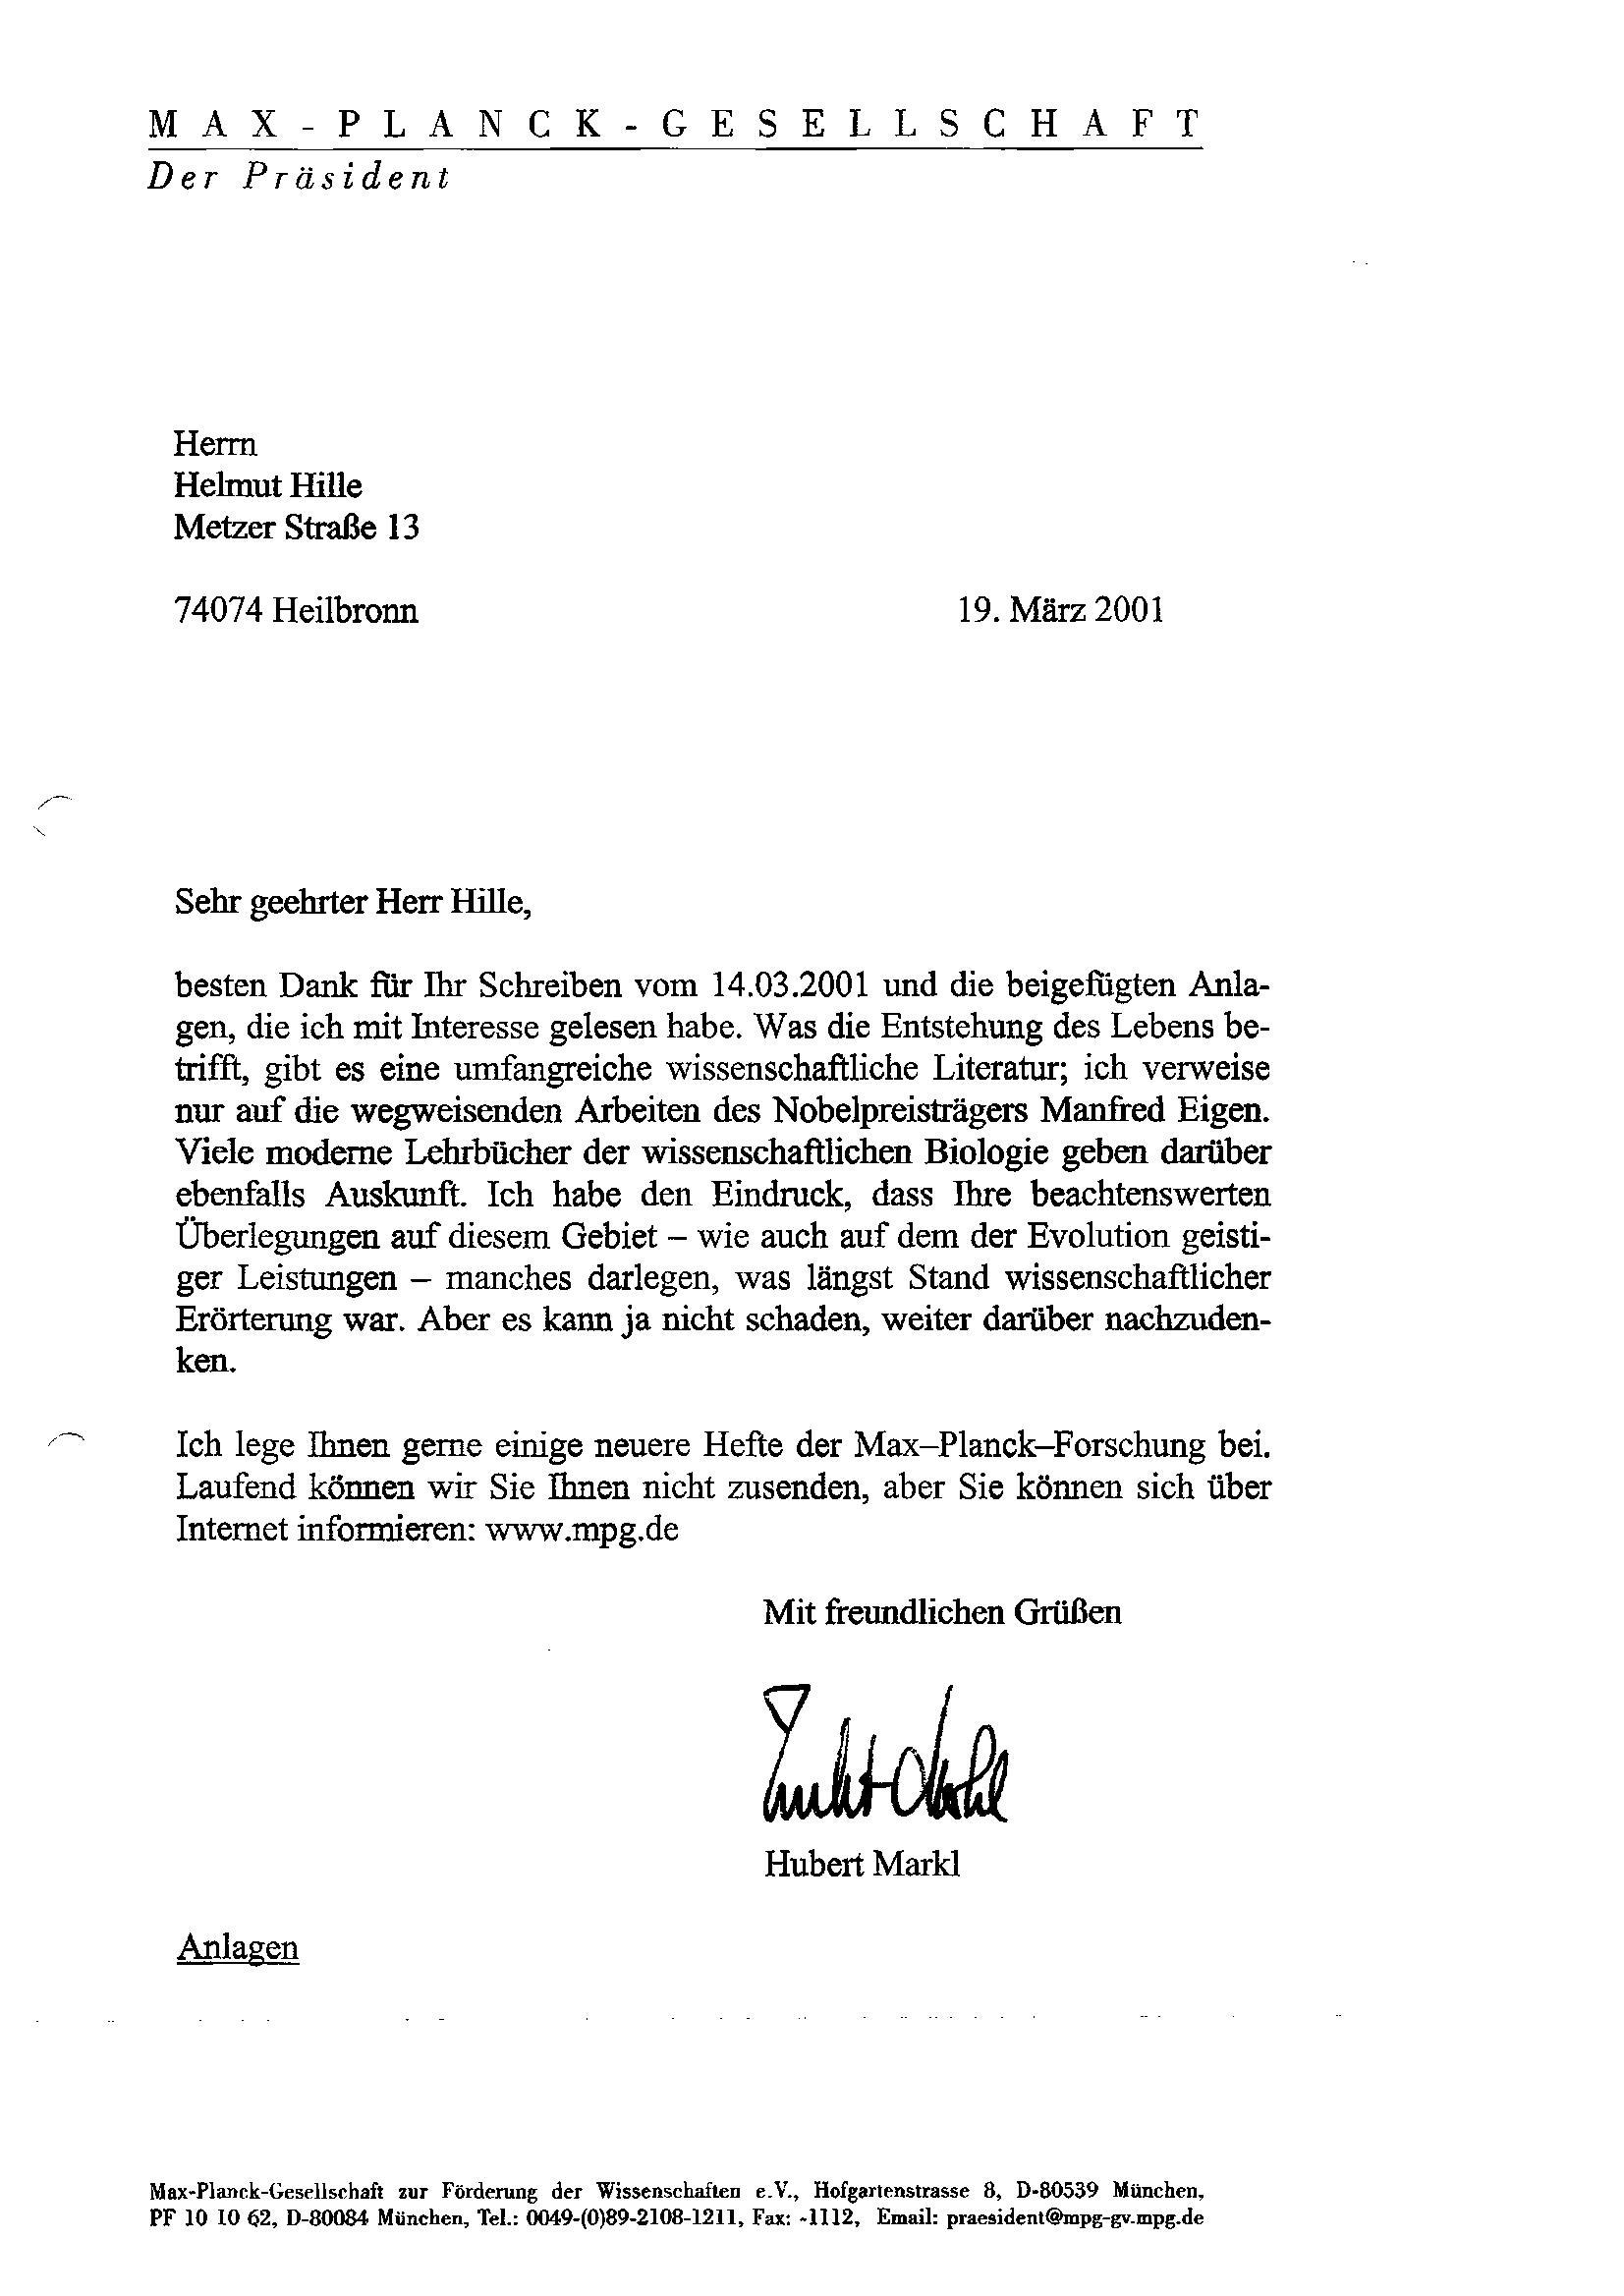 Briefe Mit Anlagen : Iii b zur person hubert markl und briefe von ihm